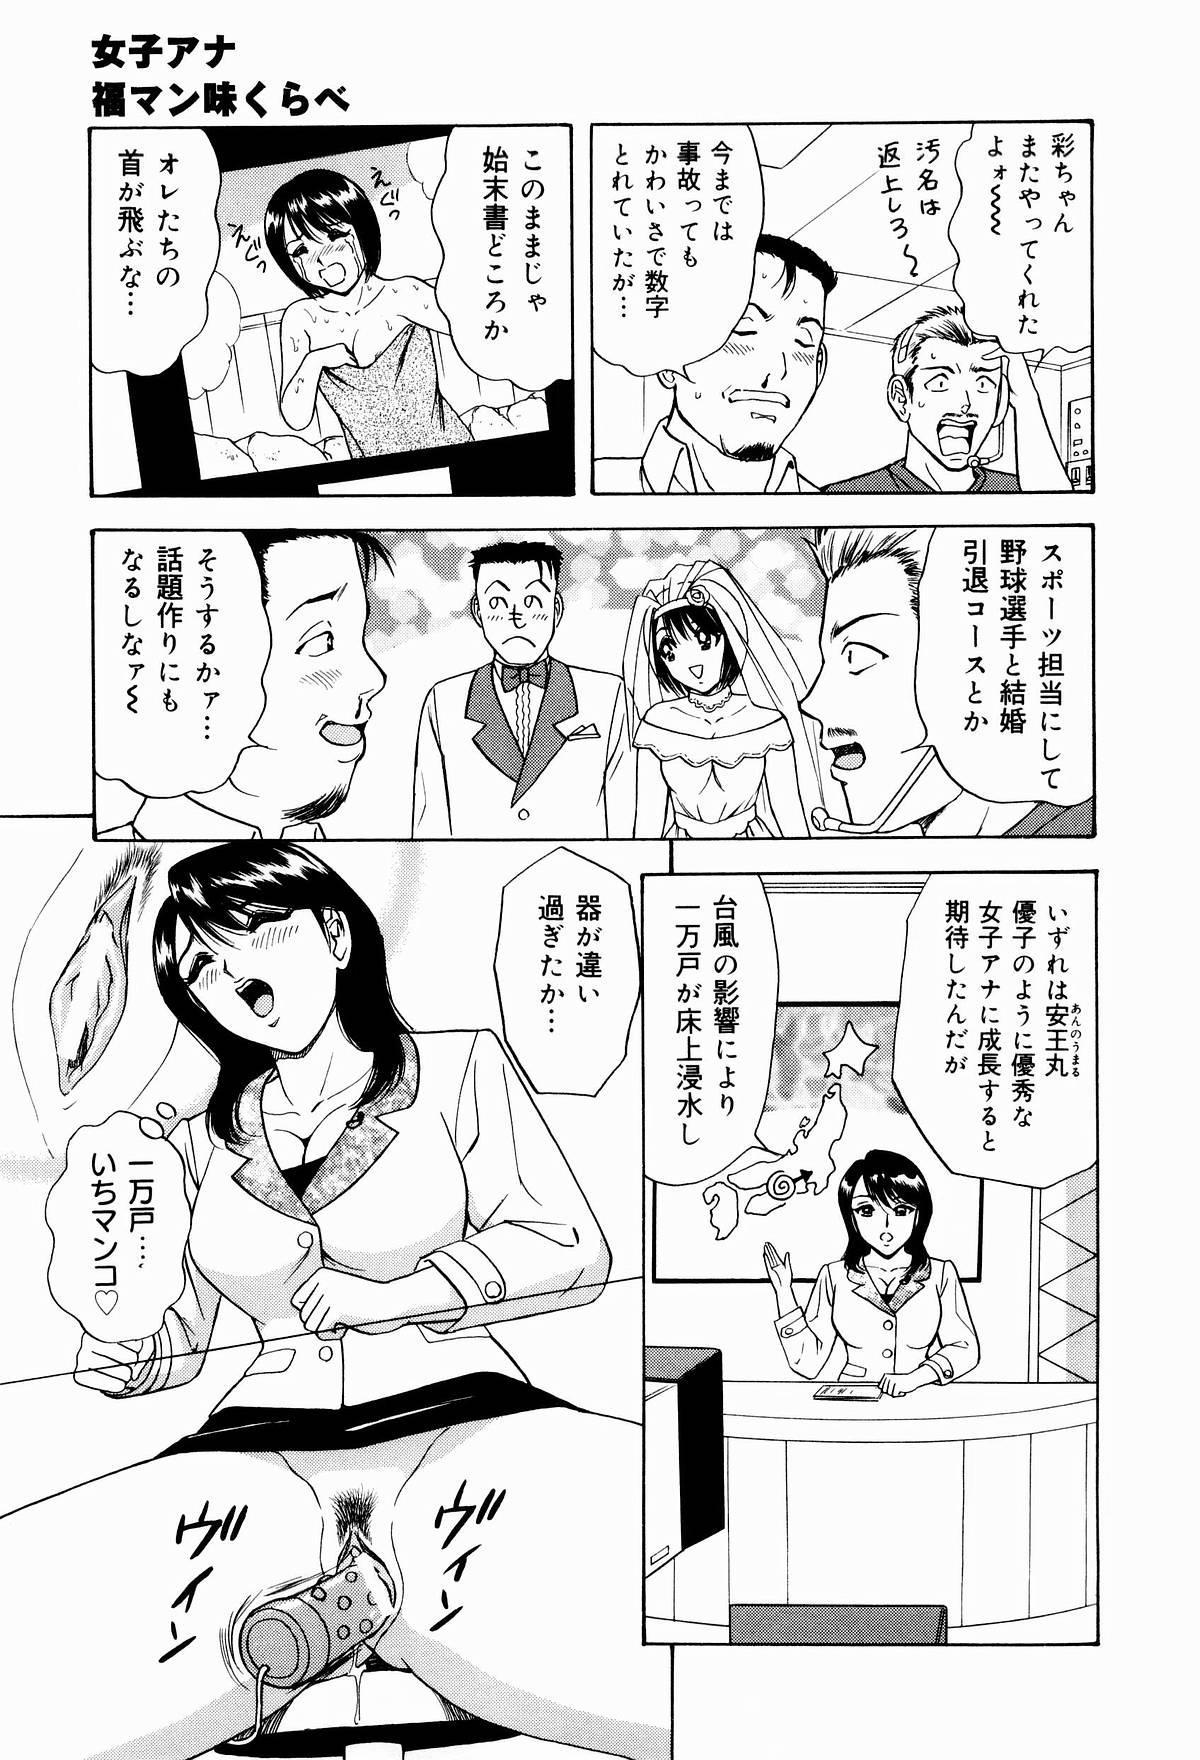 Kyonyuu Ana Konose Rie Suikappu Kiki Ippatsu 10